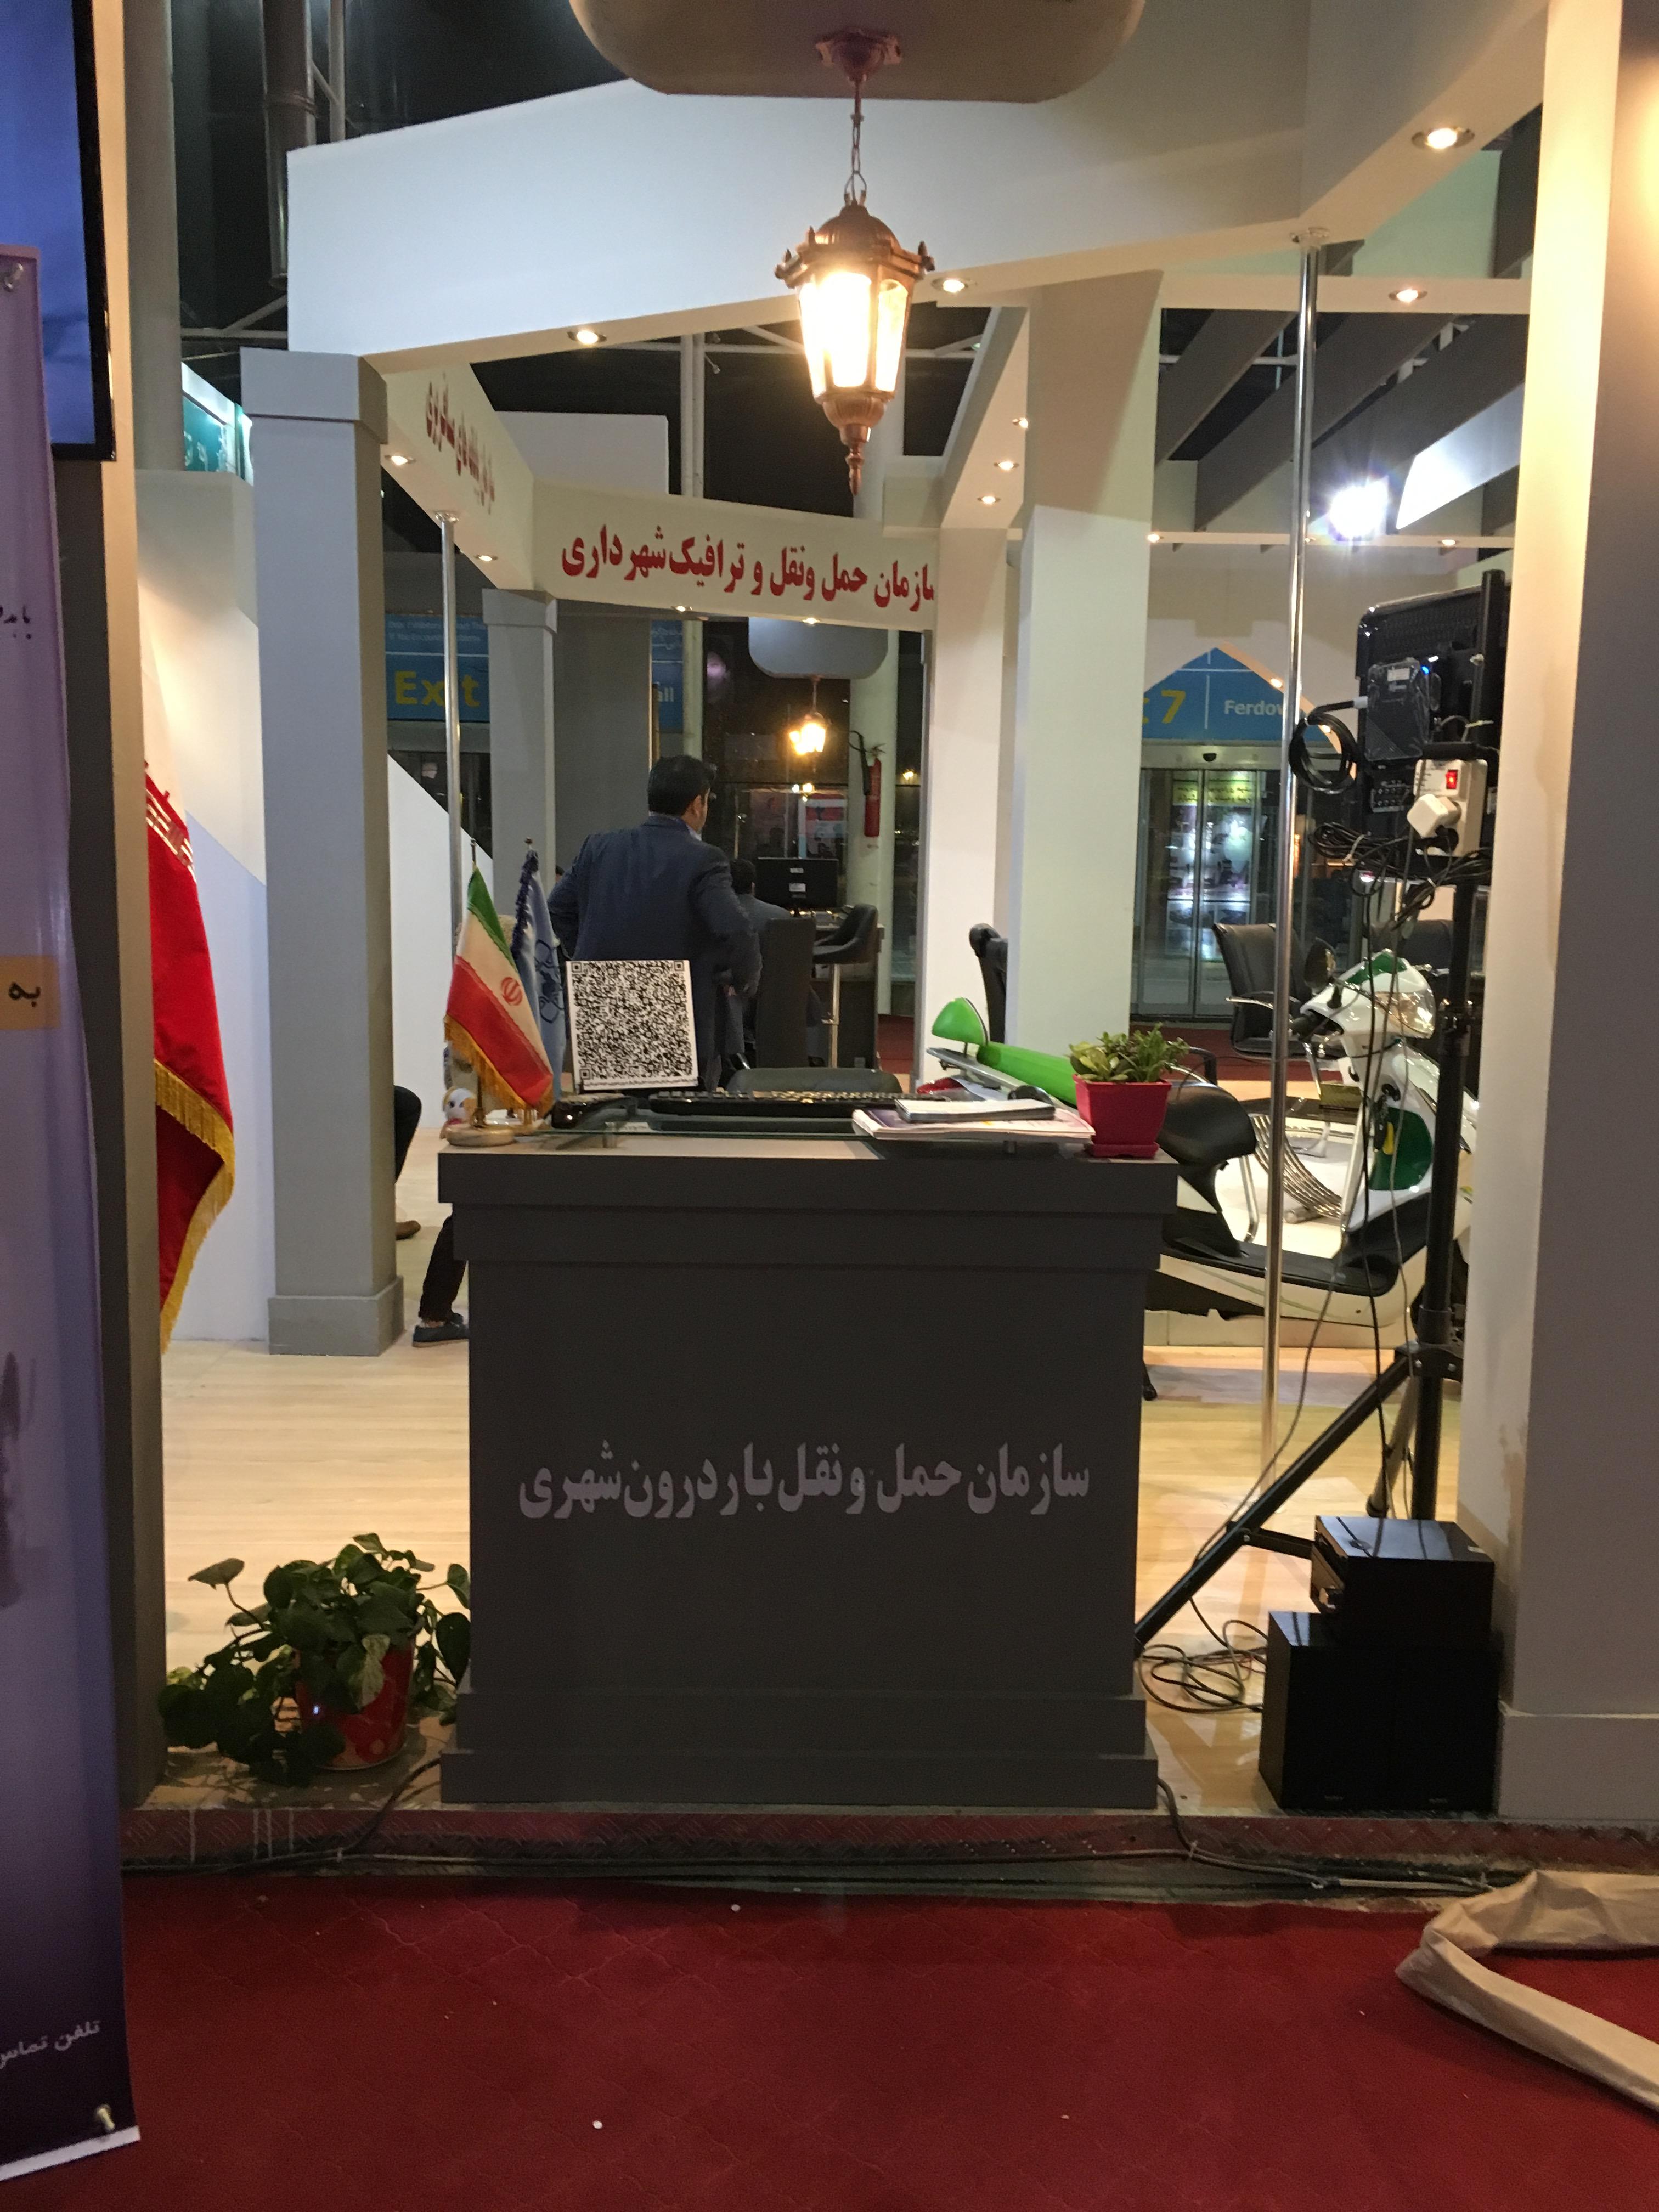 نمایشگاه تخصصی حمل و نقل و ترافیک شهری مشهد نهمین دوره